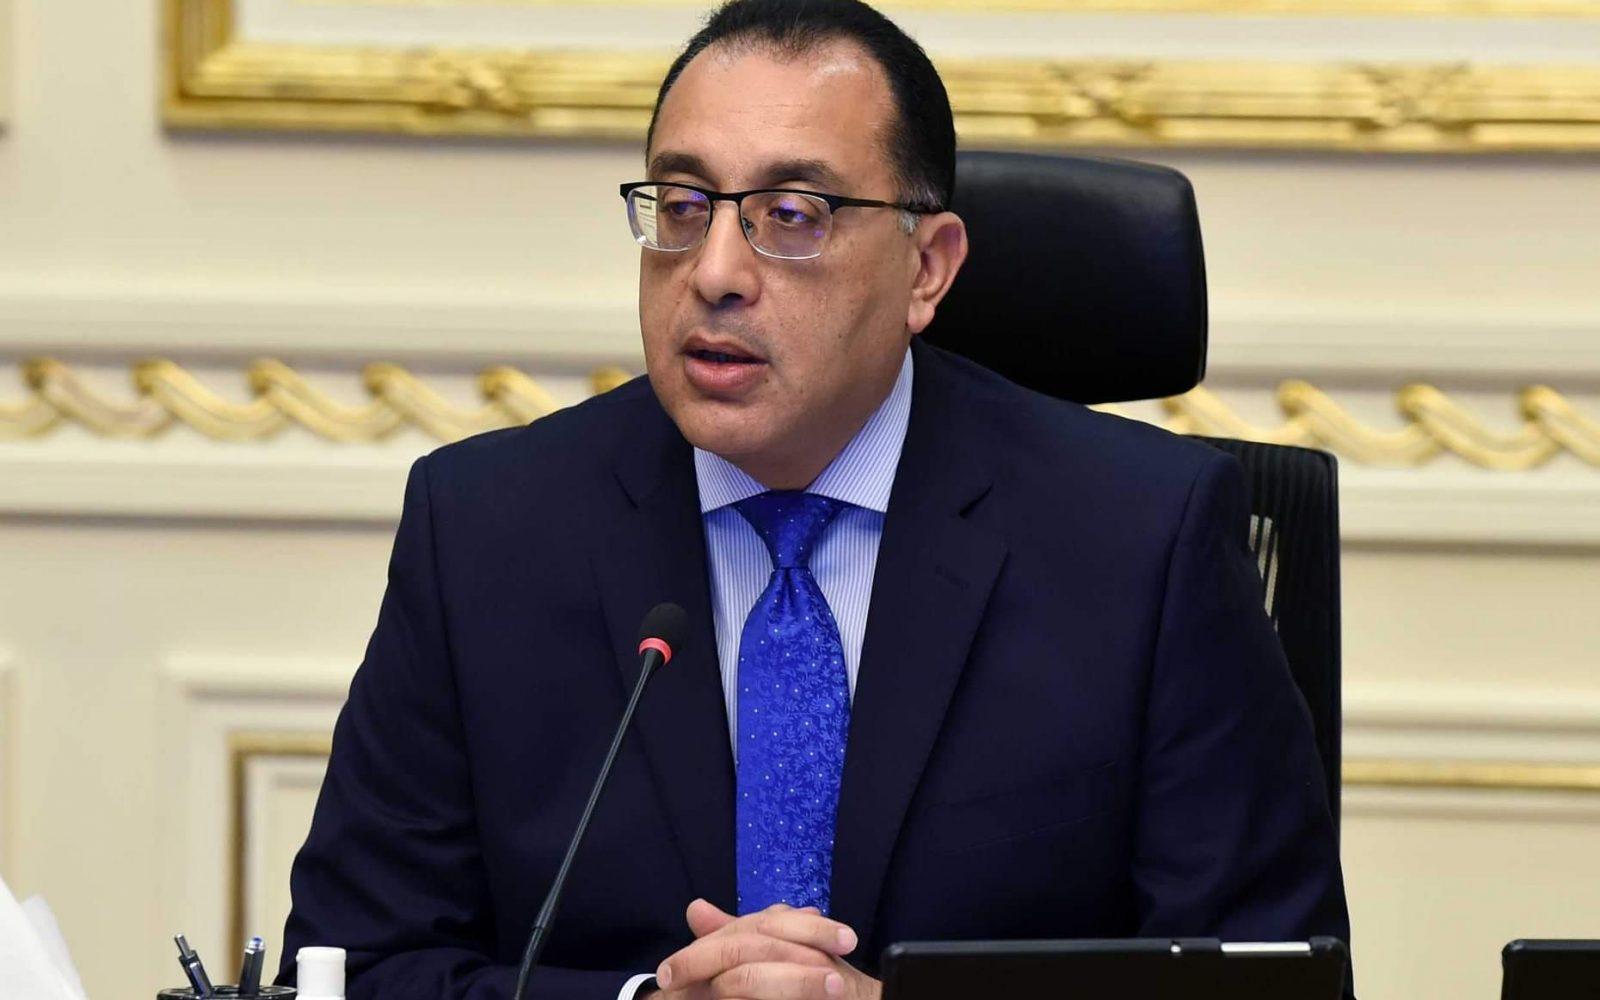 عاجل.. مجلس الوزراء يتخذ قرار جديد بشأن الامتحانات في المدارس والجامعات والتصالح في مخالفات البناء